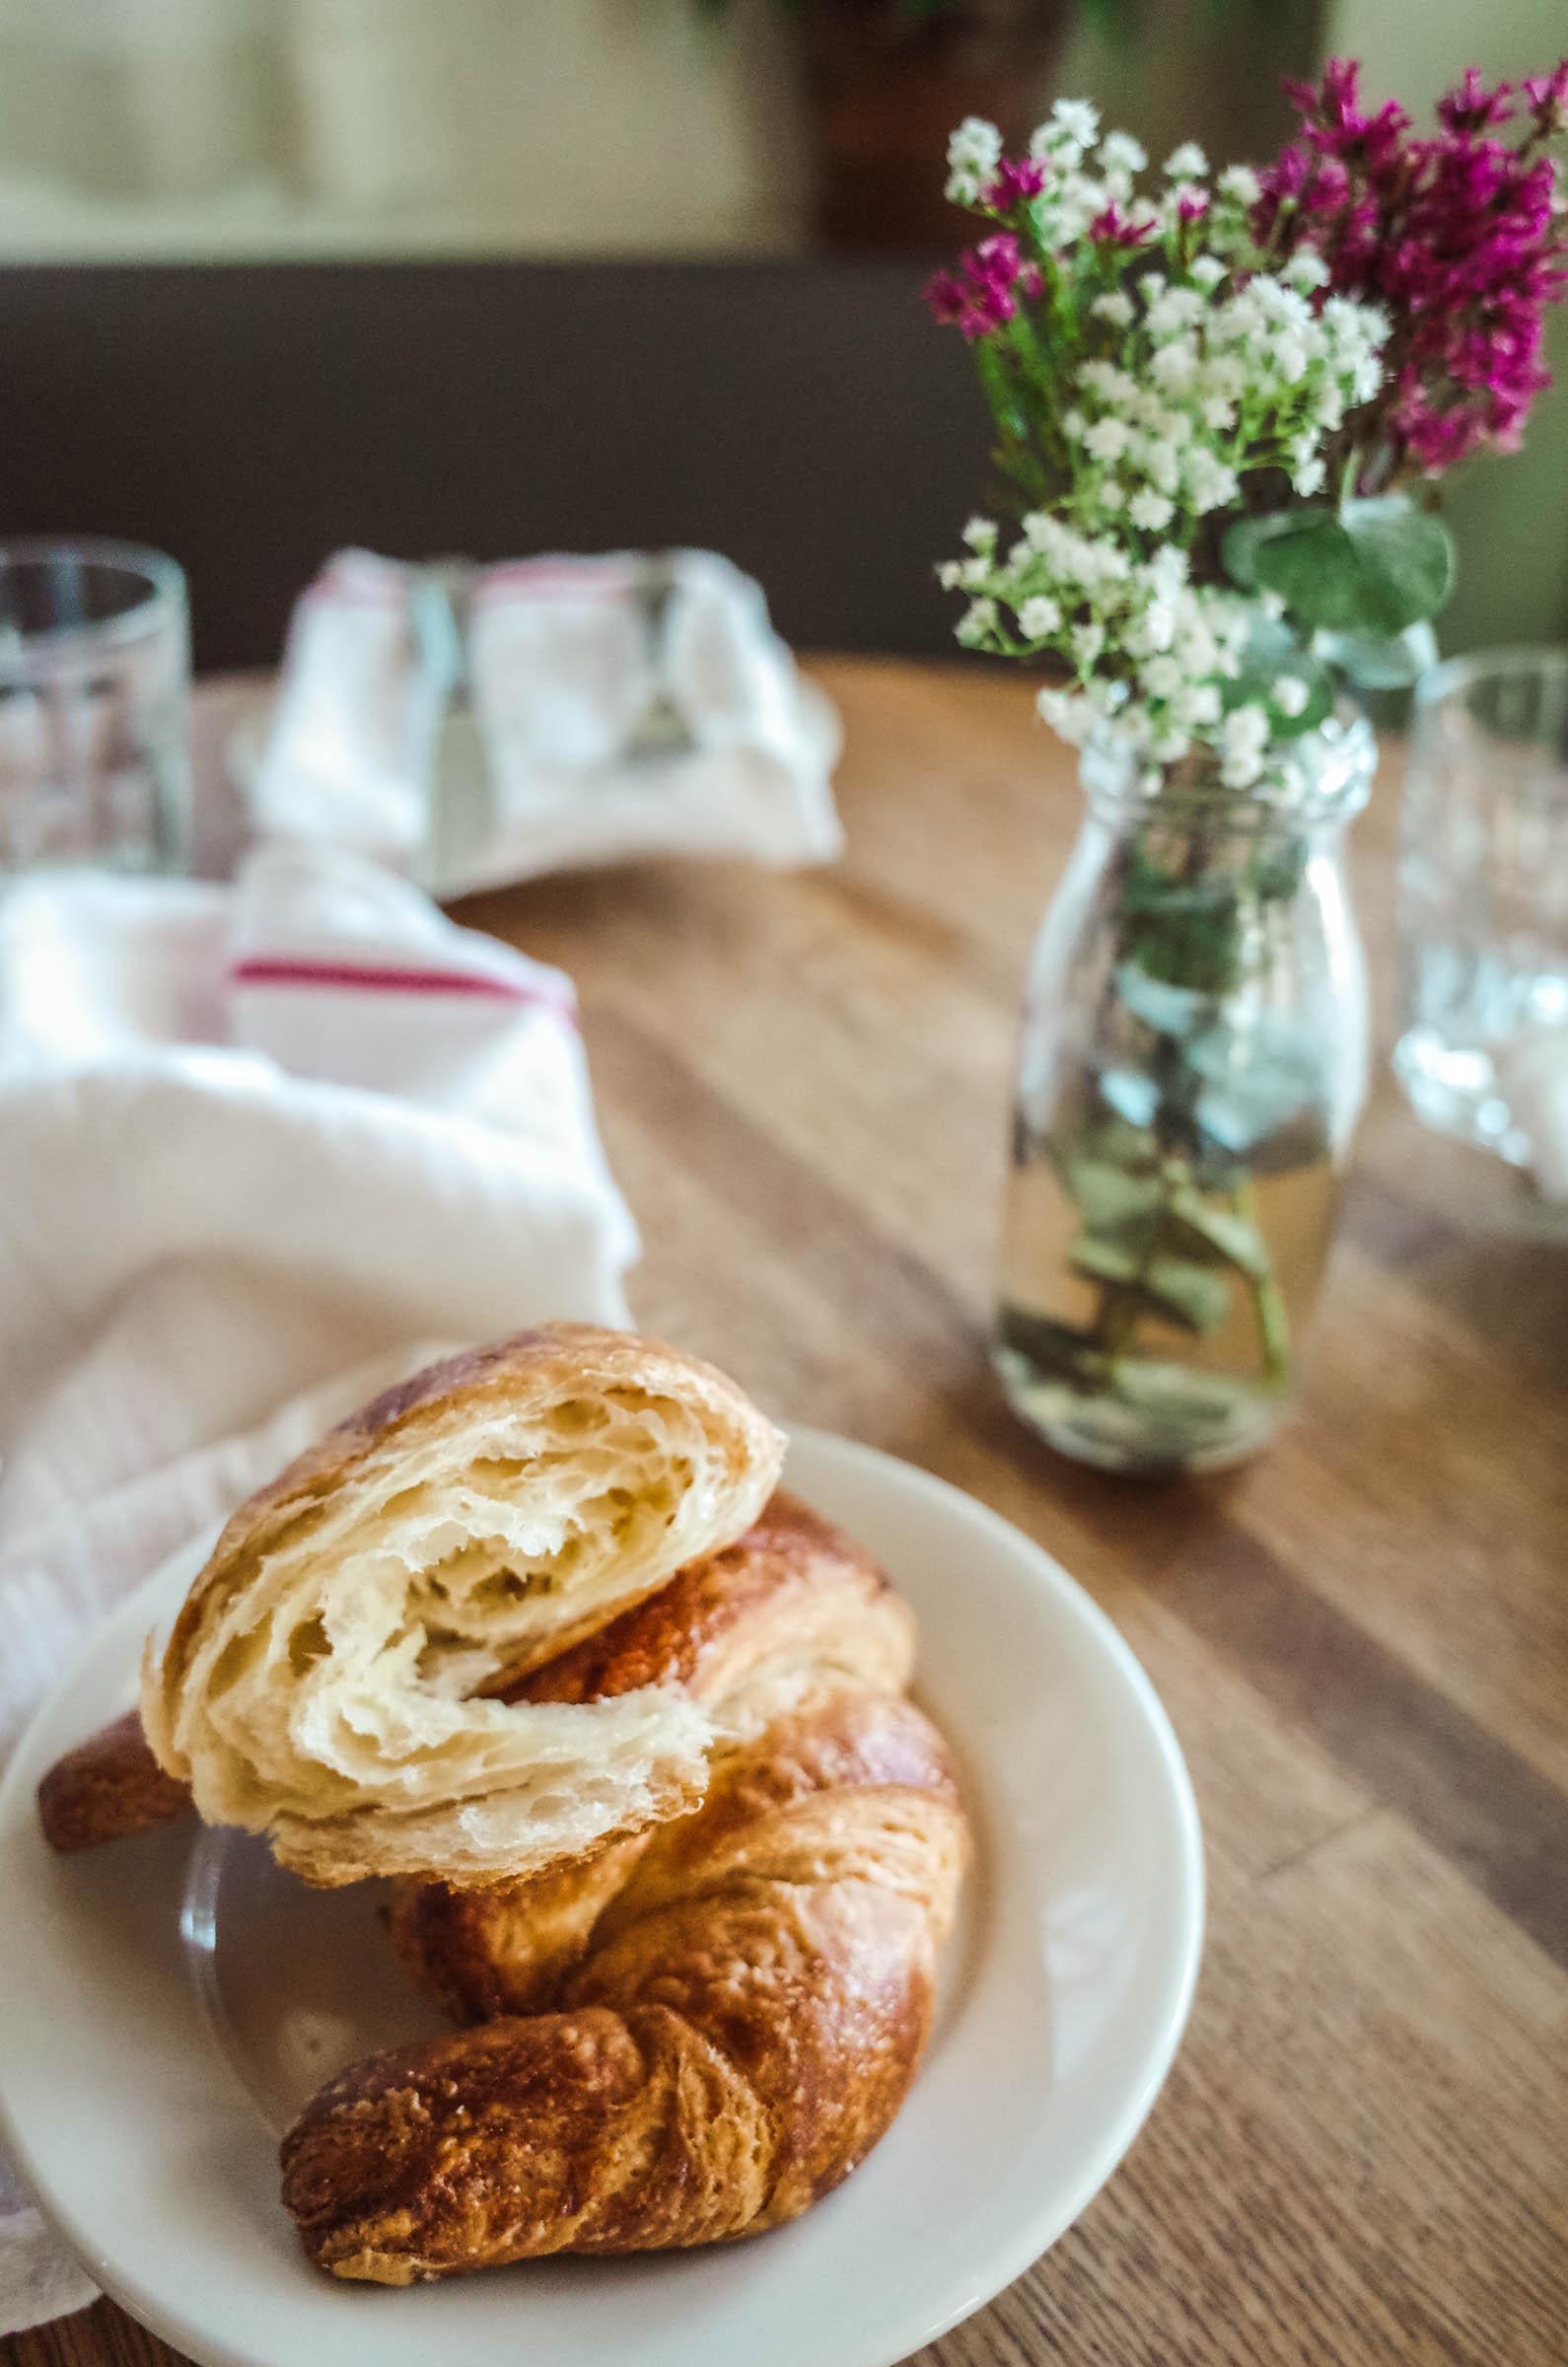 Food Photography - Whitney Arostegui - untitled shoot-077.jpg